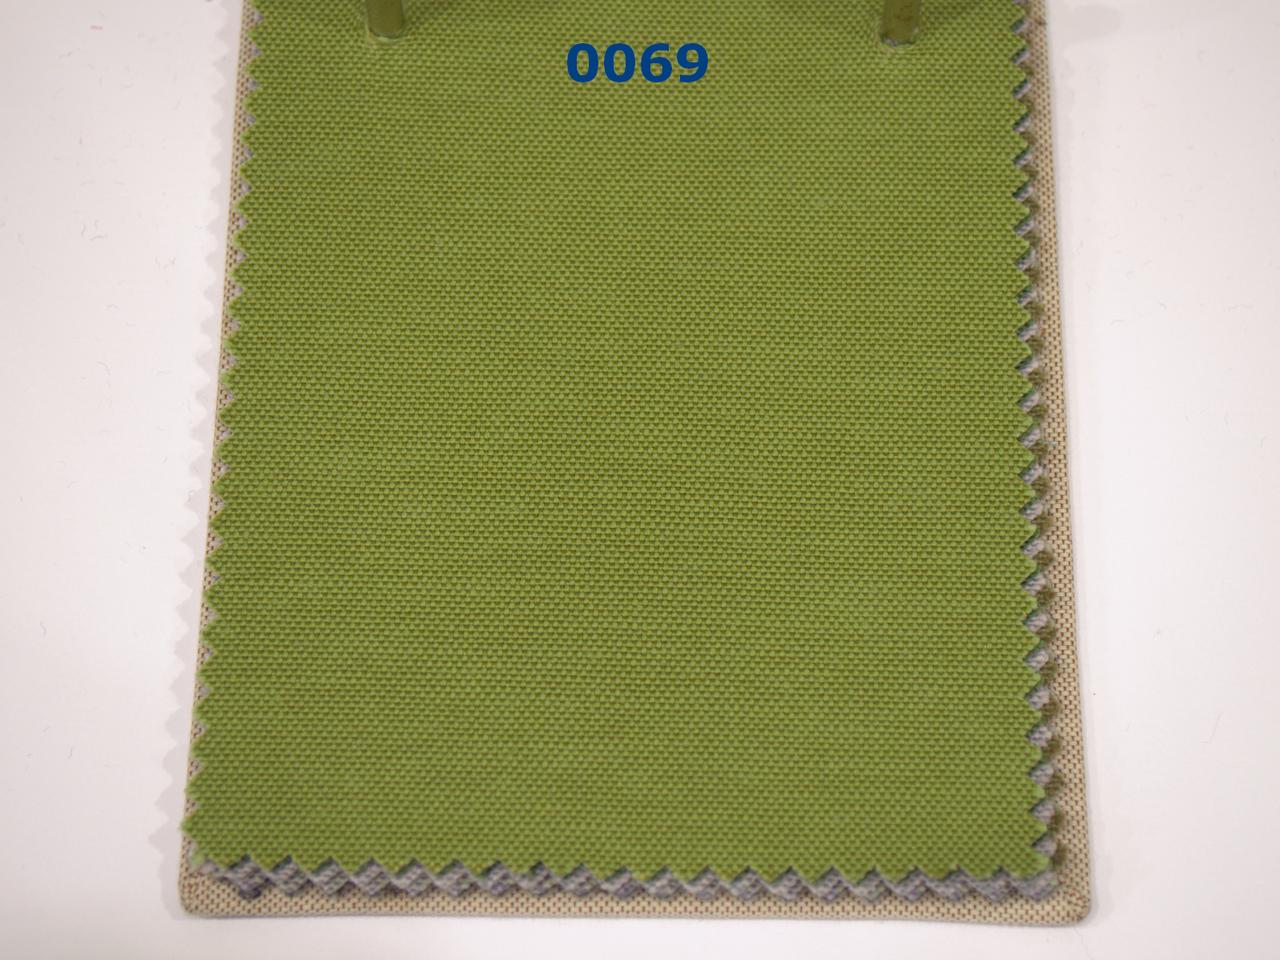 Ткань для Скатертей Лесная Трава с пропиткой Тефлон-180 Однотонная Турция ширина 180см